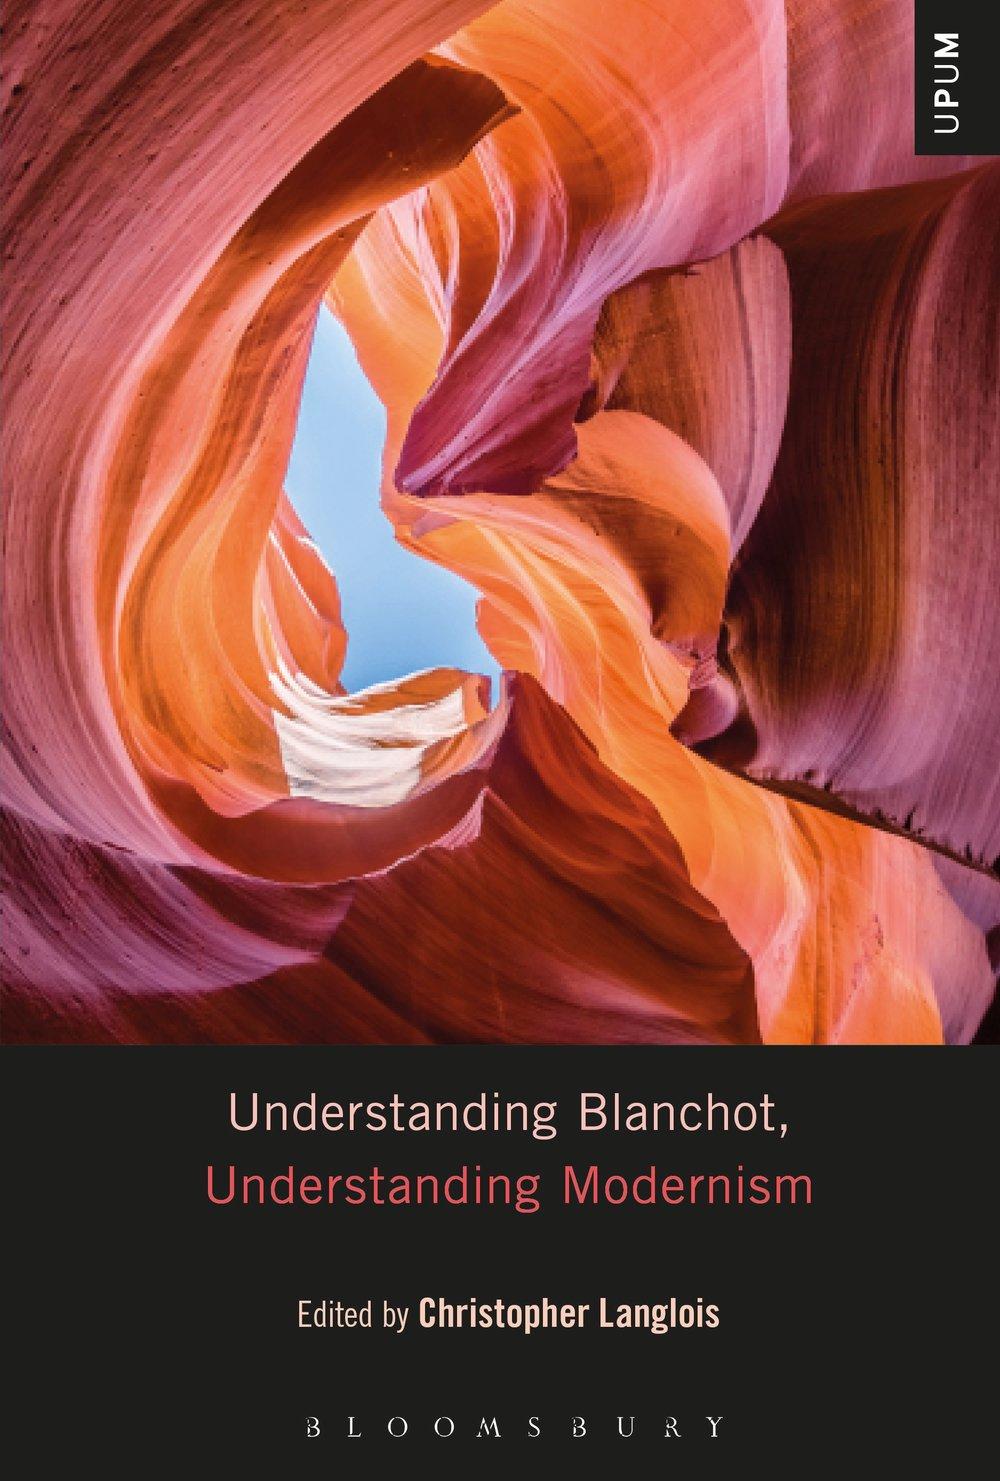 Understanding Blanchot 9781501331398.jpg